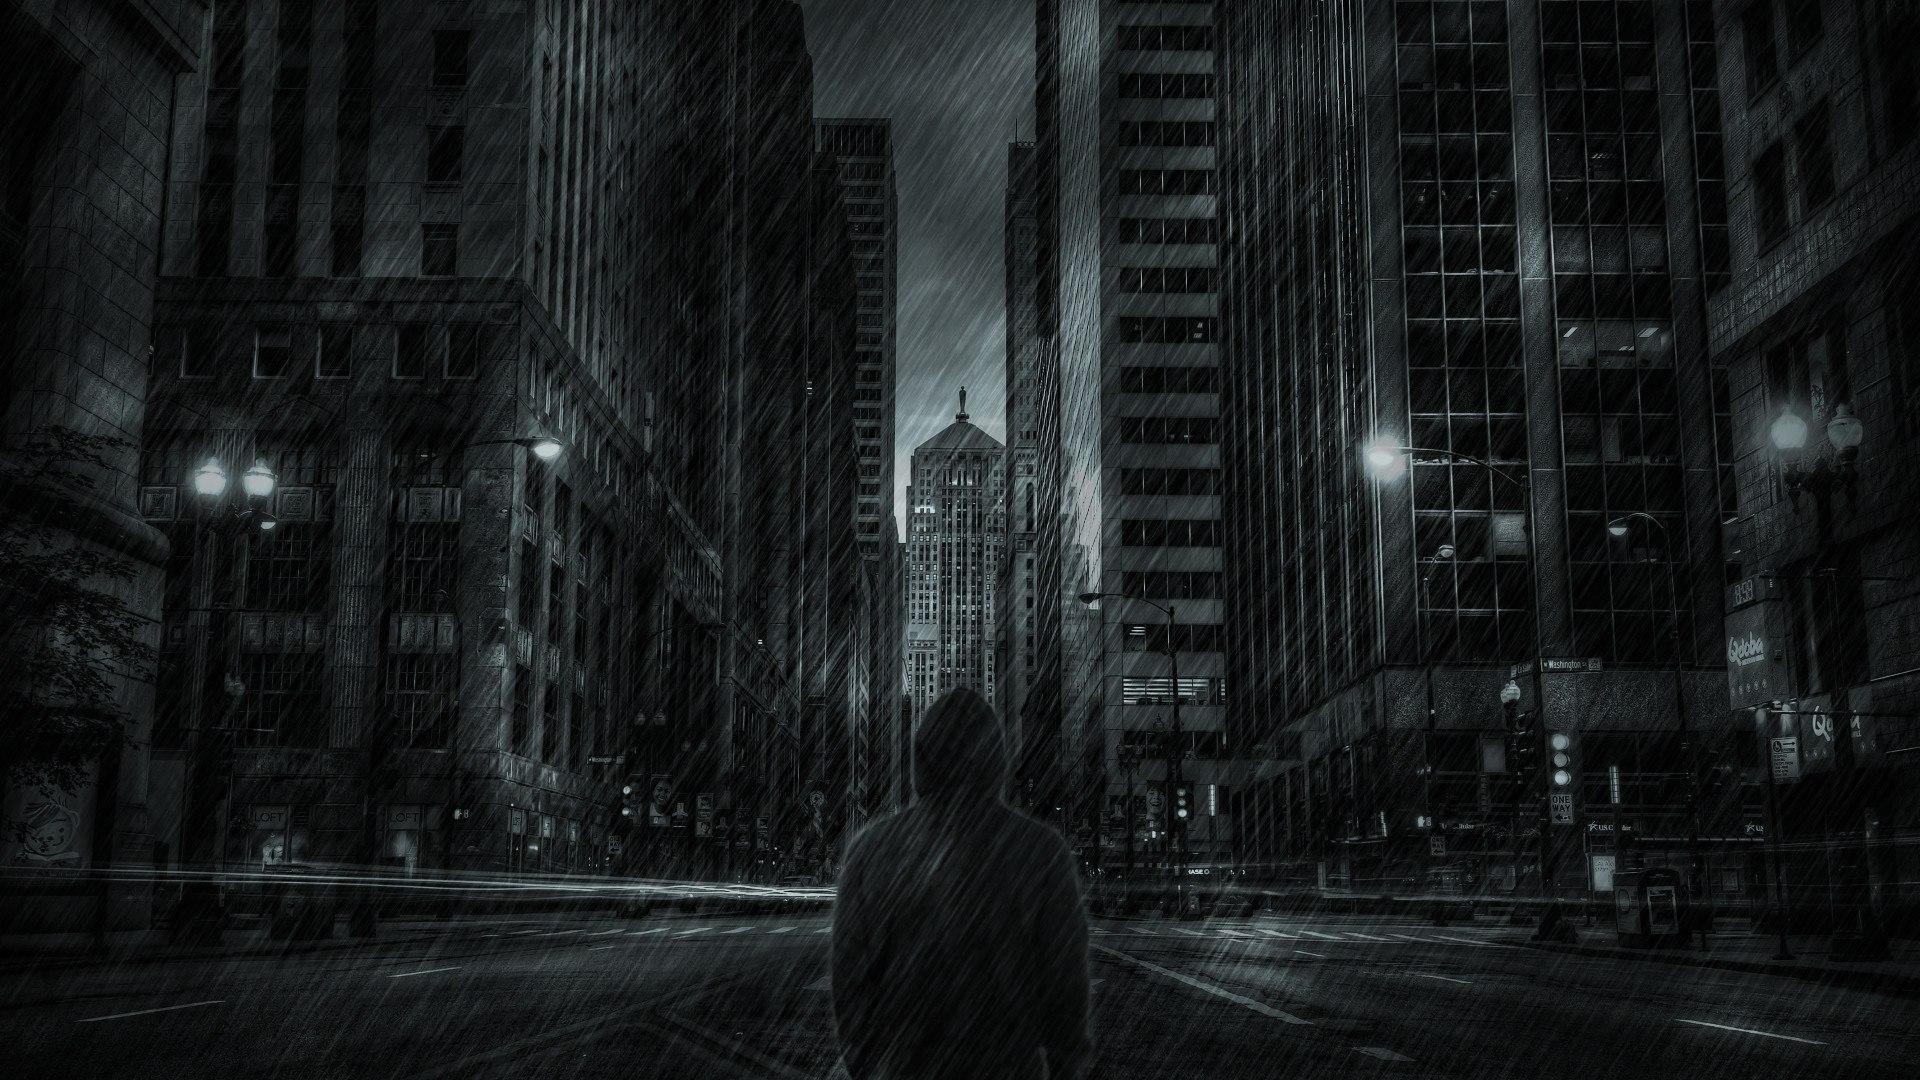 Улицы города элисты картинки спросила подписчиков